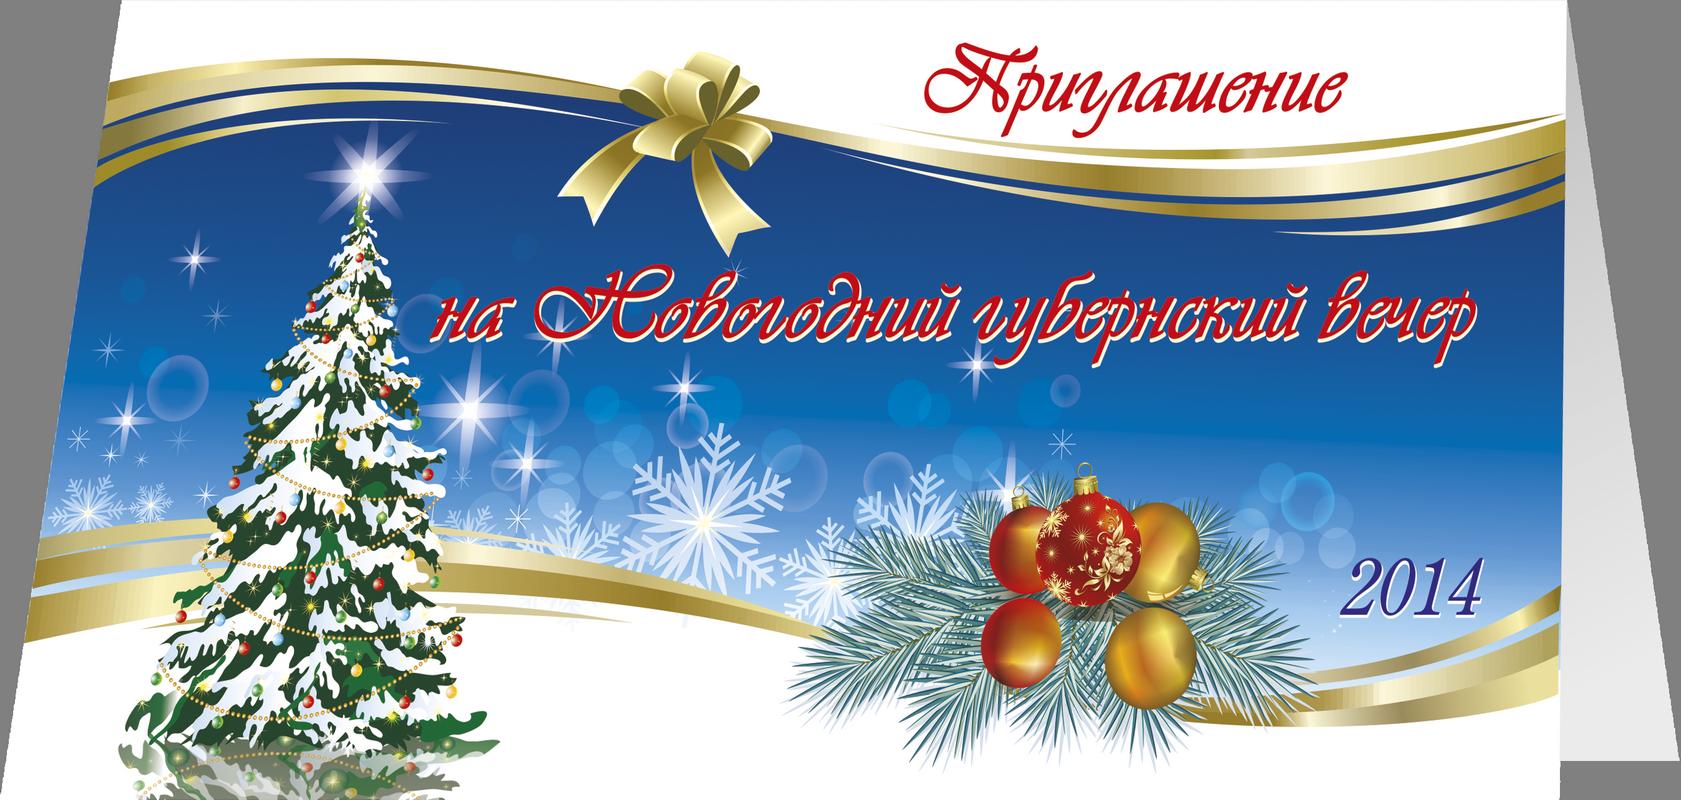 приглашение на Новогодний Губернаторский вечер